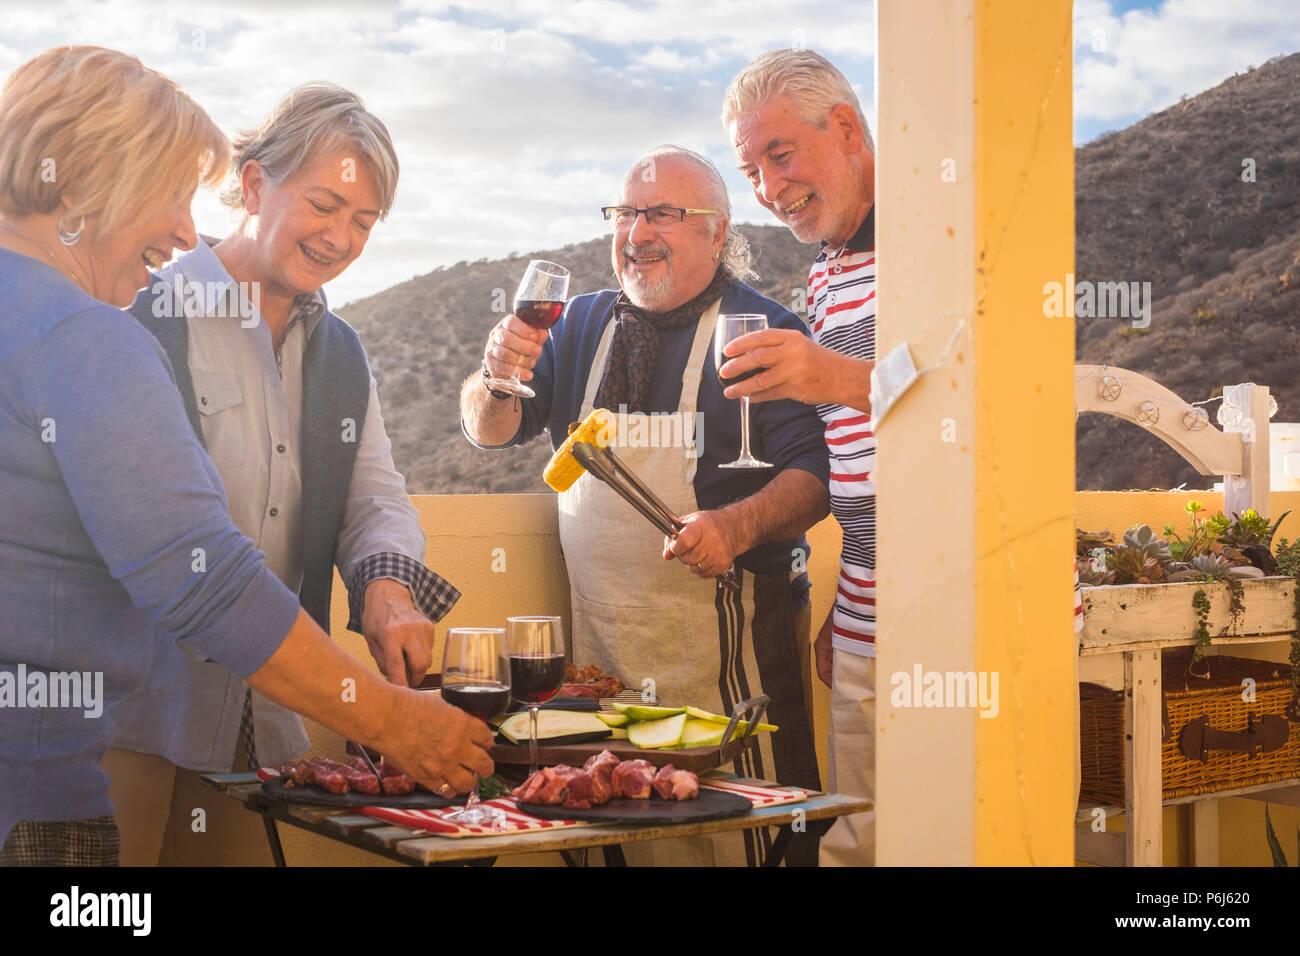 Quatre senior retraité s'amuser dans la terrasse à la maison la cuisine barbecue tout le monde sourit et rester ensemble dans l'amitié sous une belle journée ensoleillée. Photo Stock